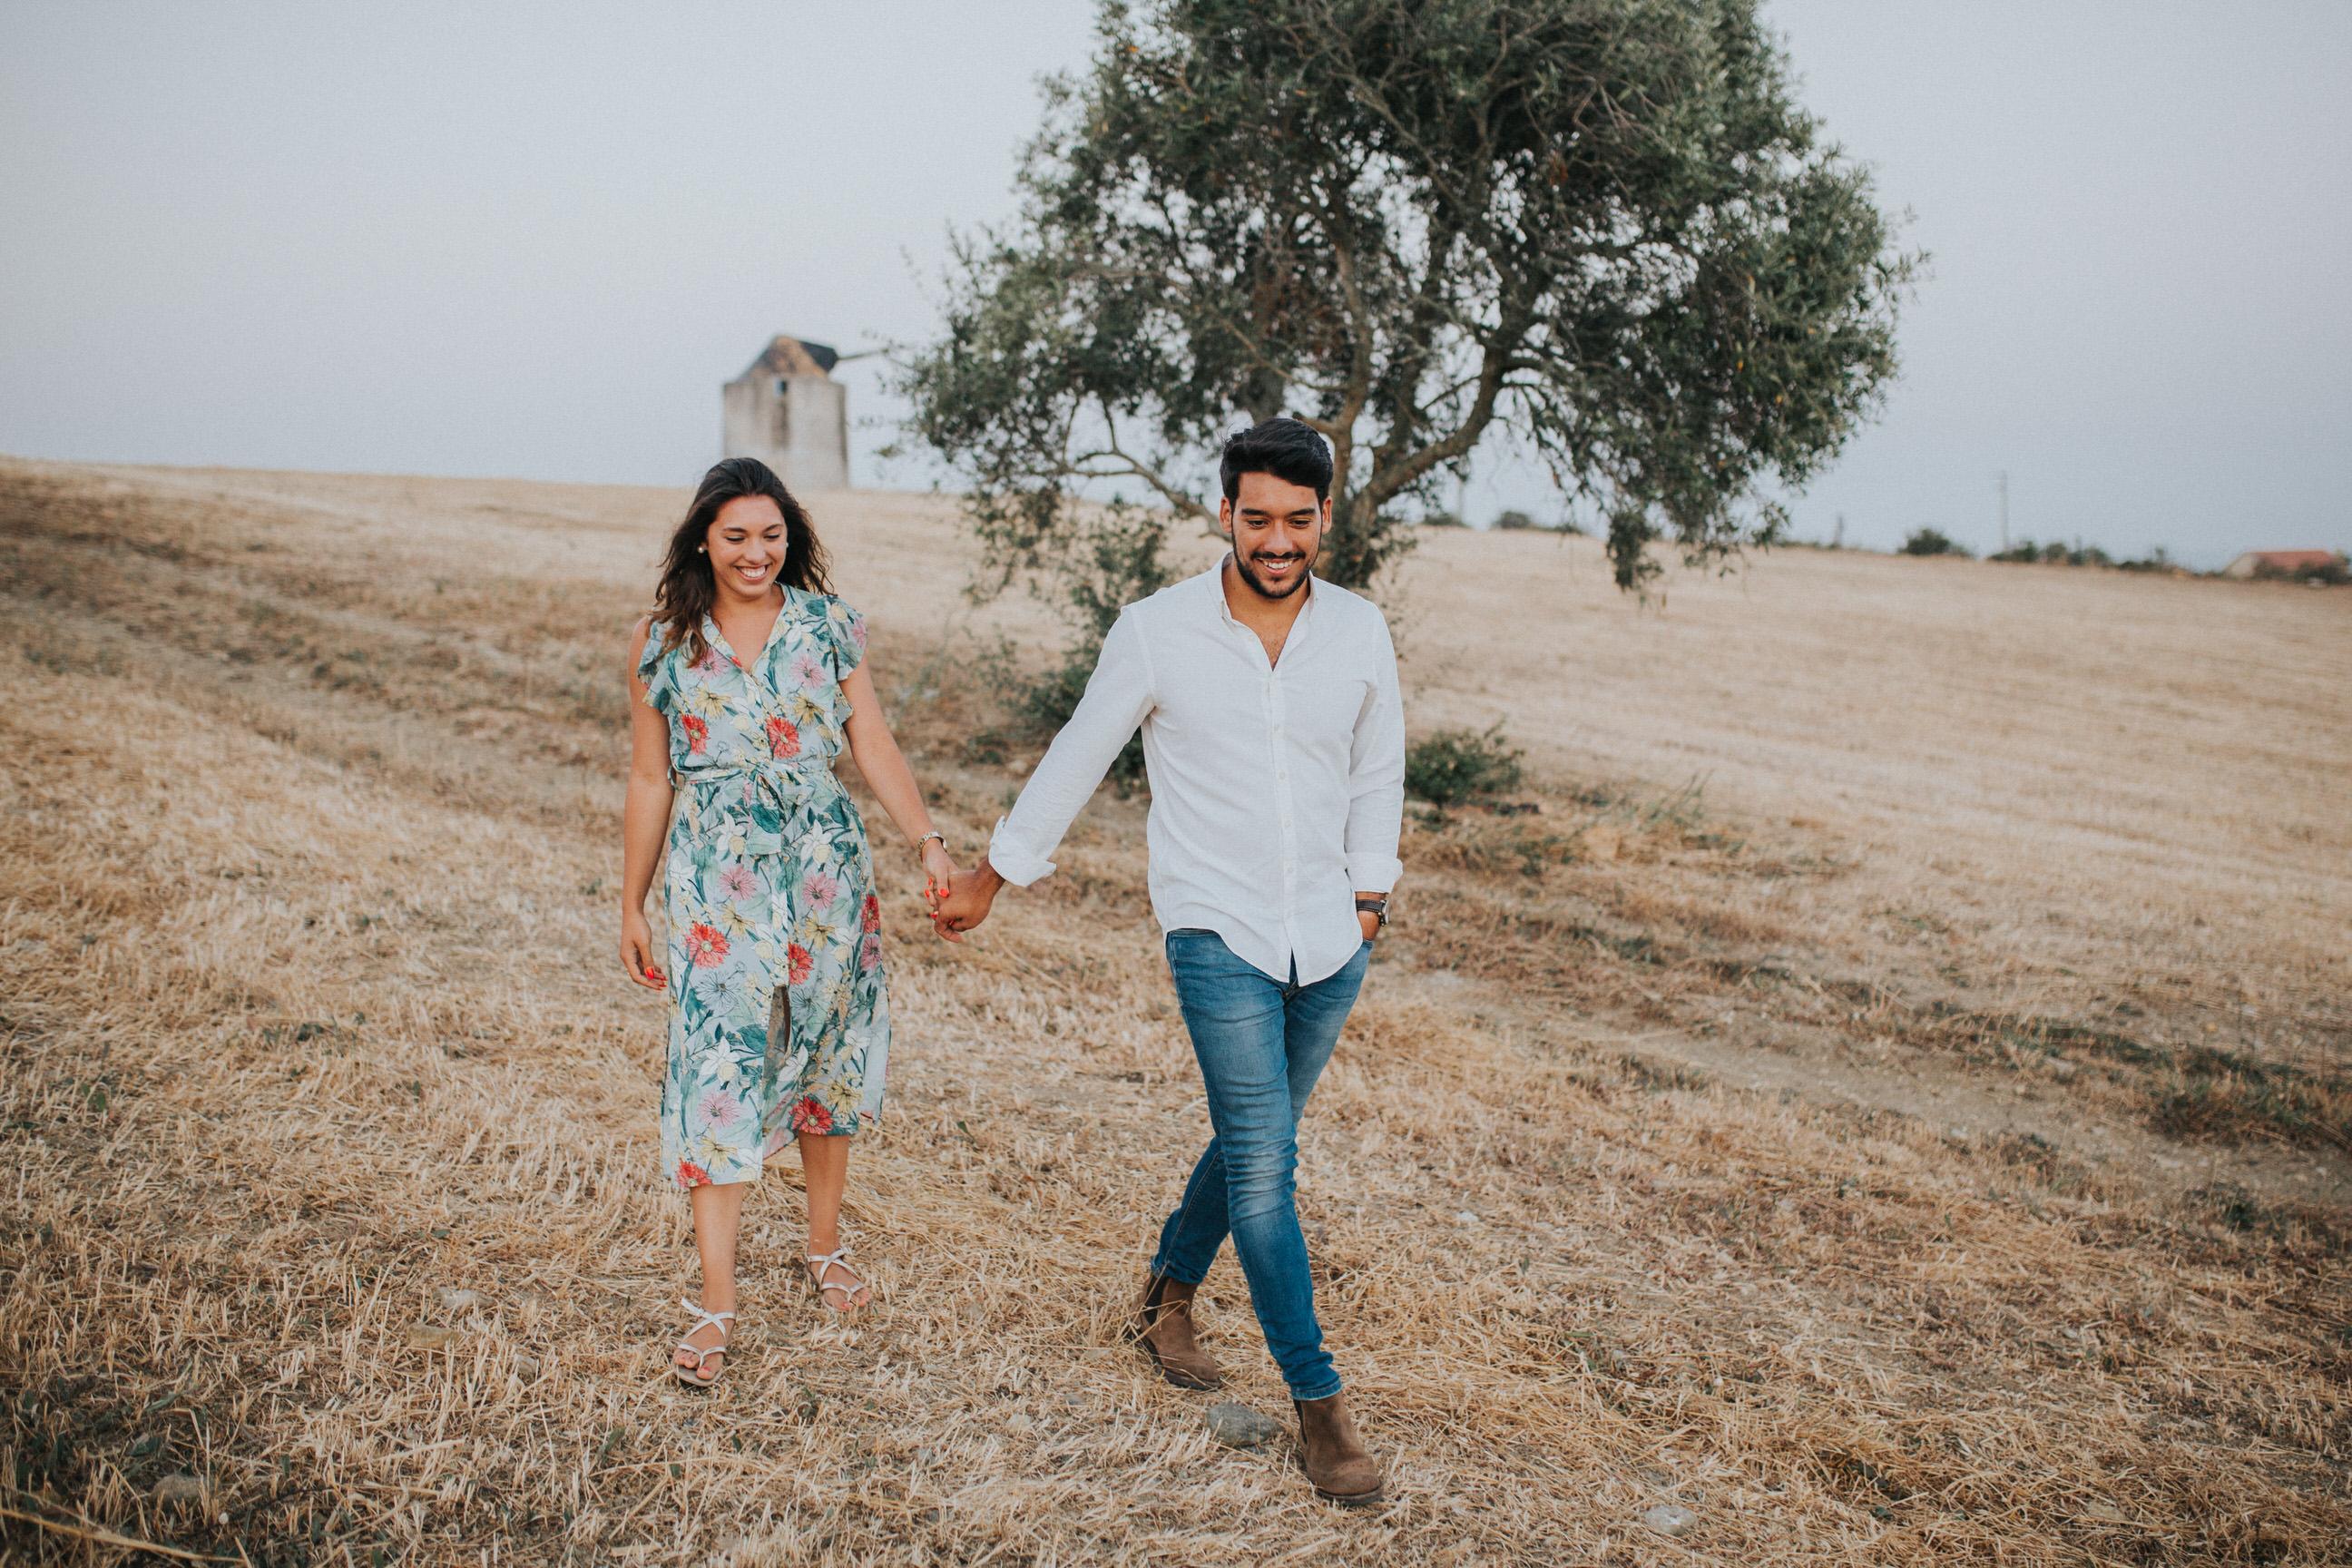 32 Cristiana&André-engagement-love-session-solteiros-noivado-foto-natural-Filipe-Santiago-Fotografia-Lisboa-Sintra-Mafra-Malveira-Torres-Vedras-Fotografos-mata-pequena